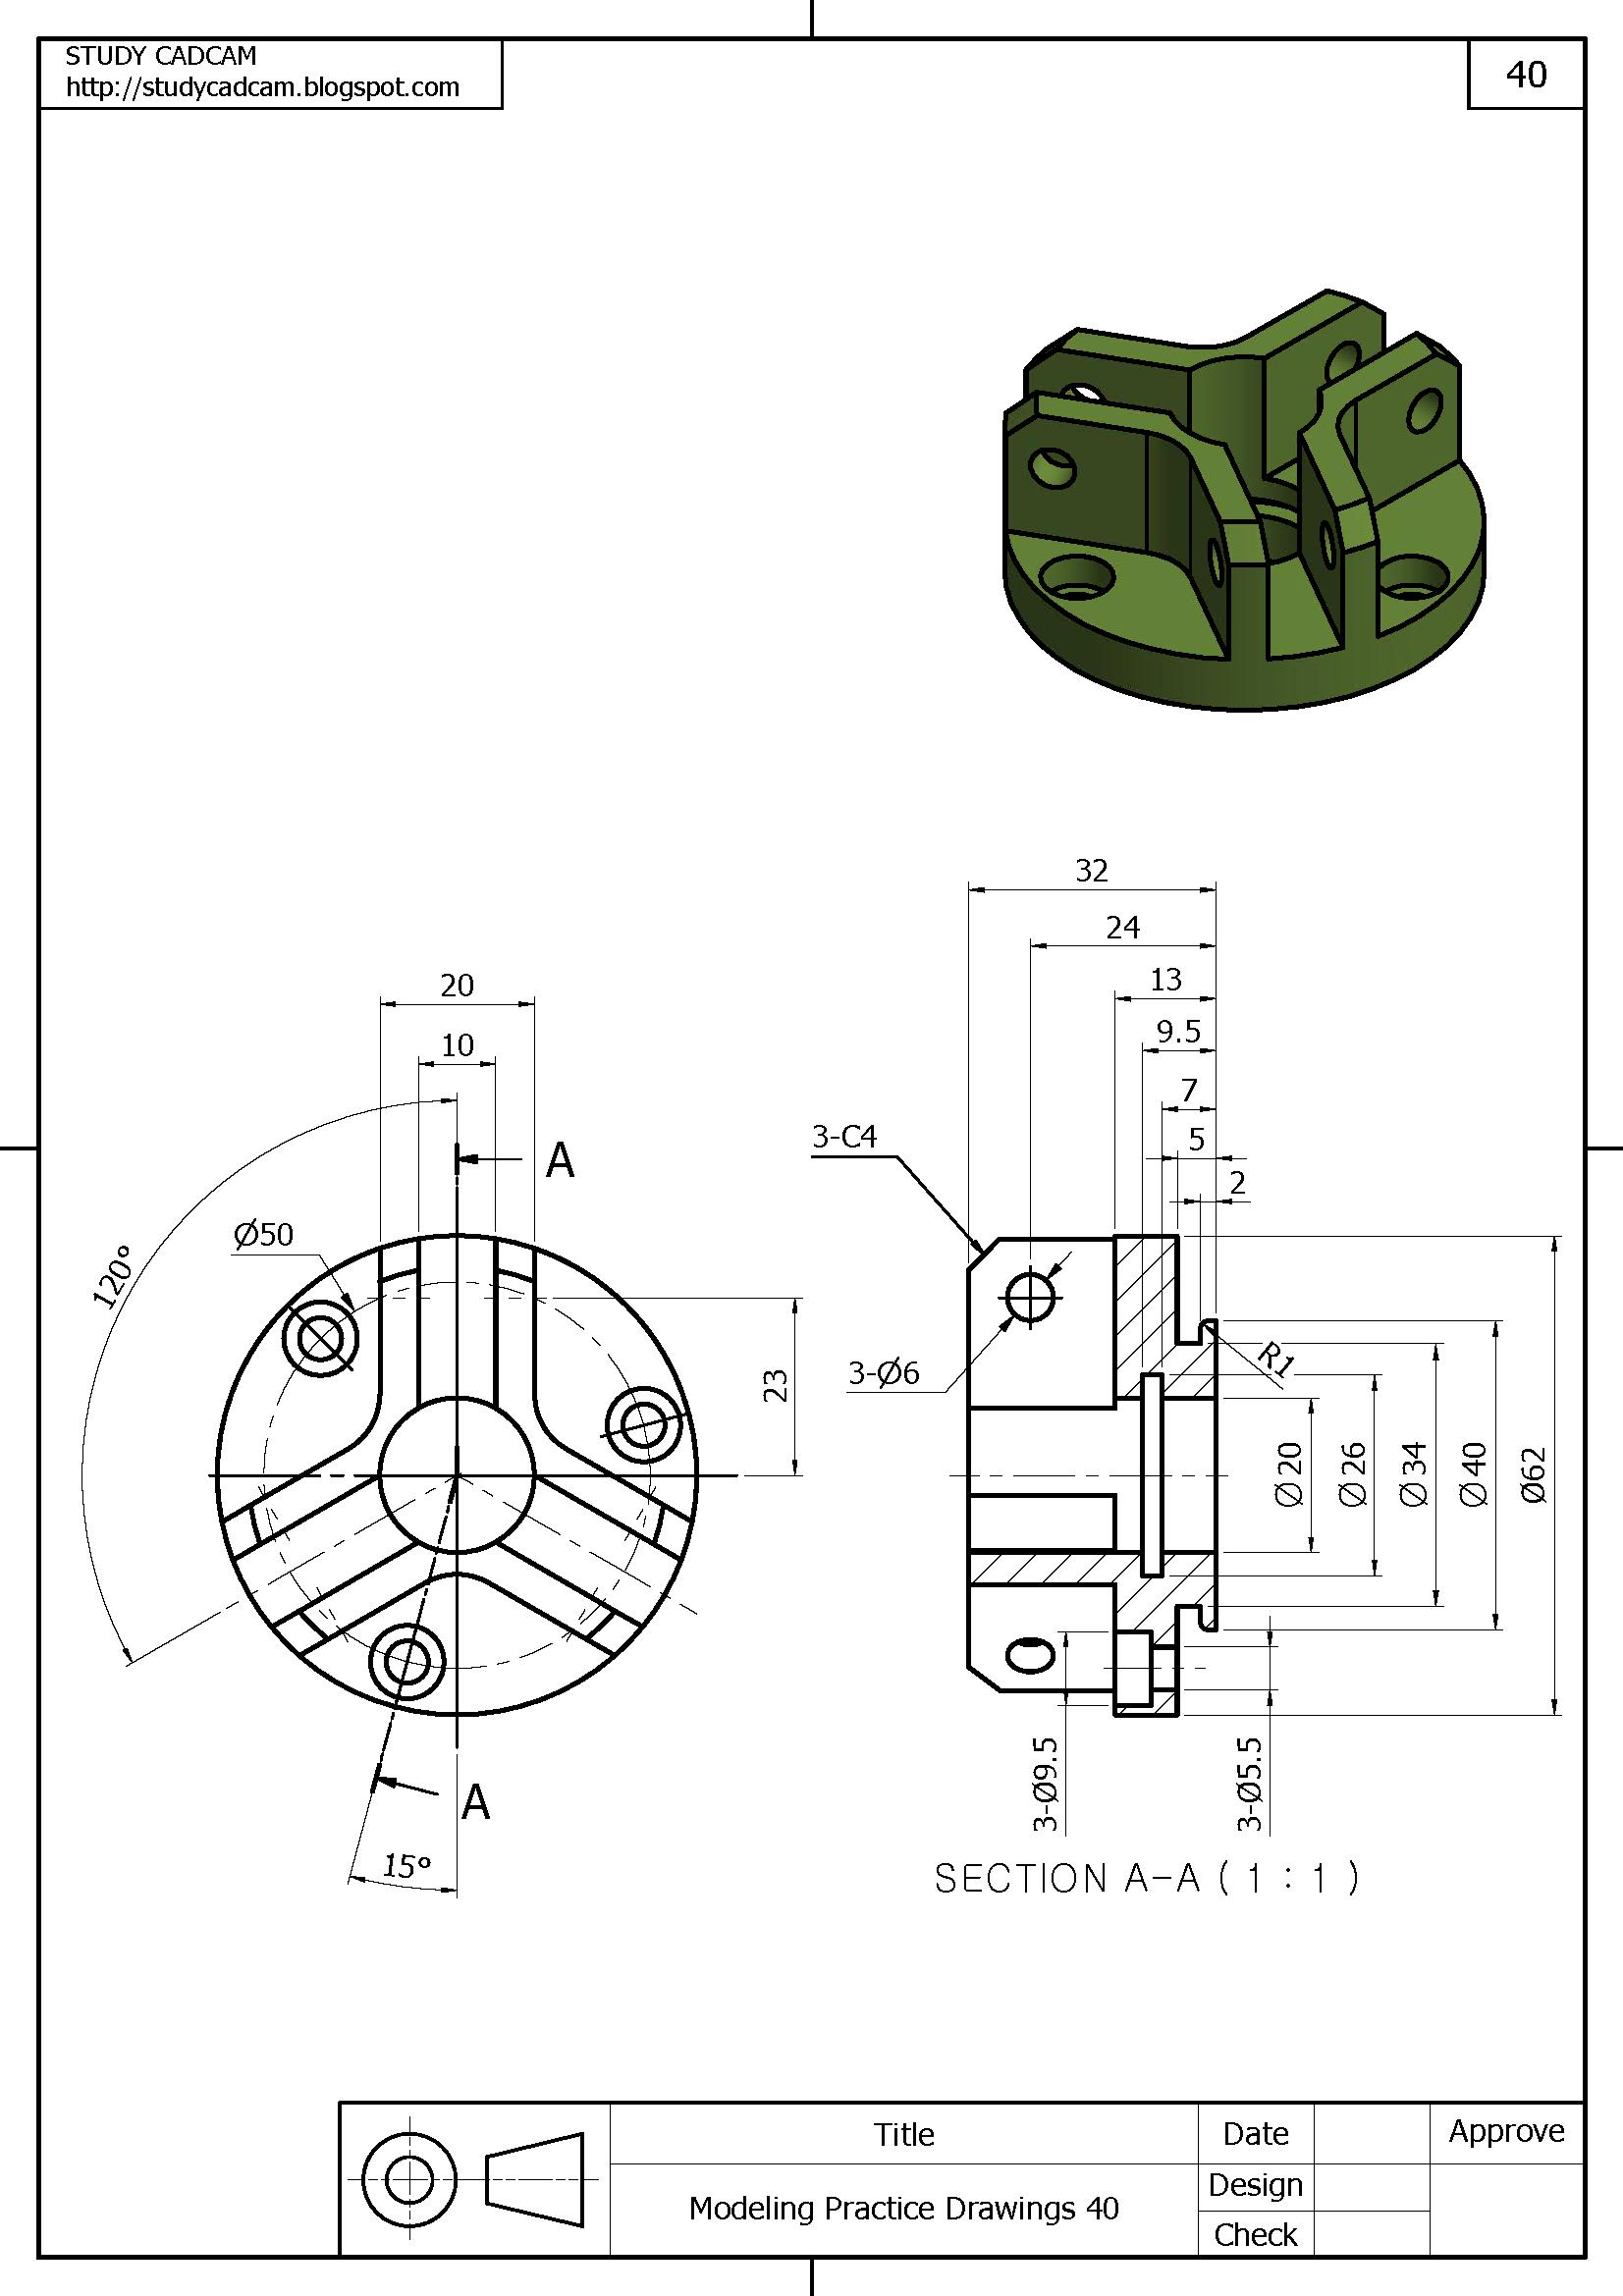 Pin De Adrian Emil Golesteanu En Solidworks Ejercicios De Dibujo Tecnicas De Dibujo Dibujo Tecnico Ejercicios